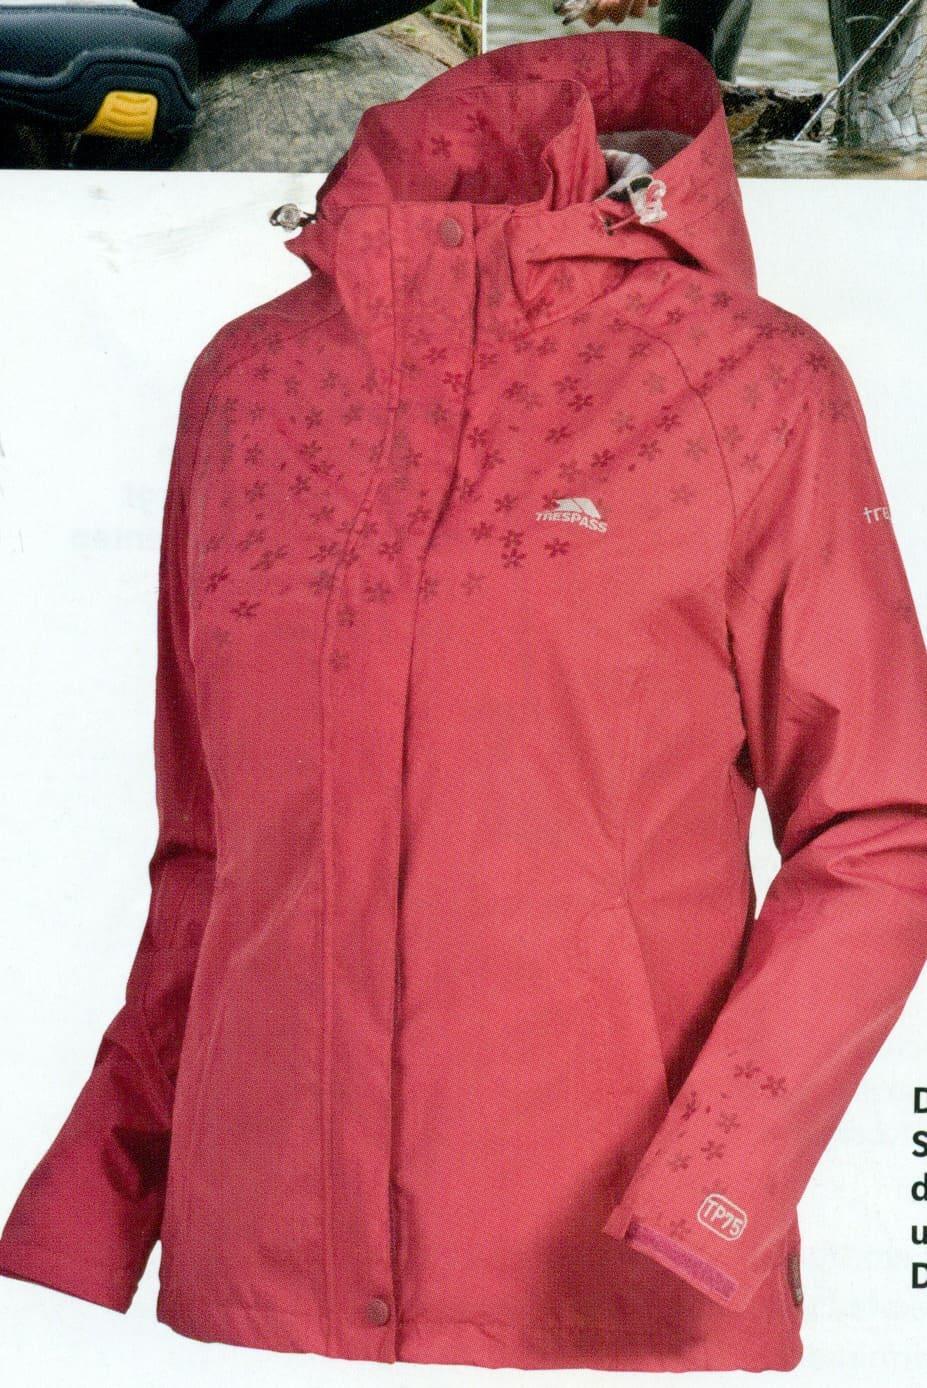 Die neue Trespass-Kollektion Sommer 2011 fällt farbenfroh aus